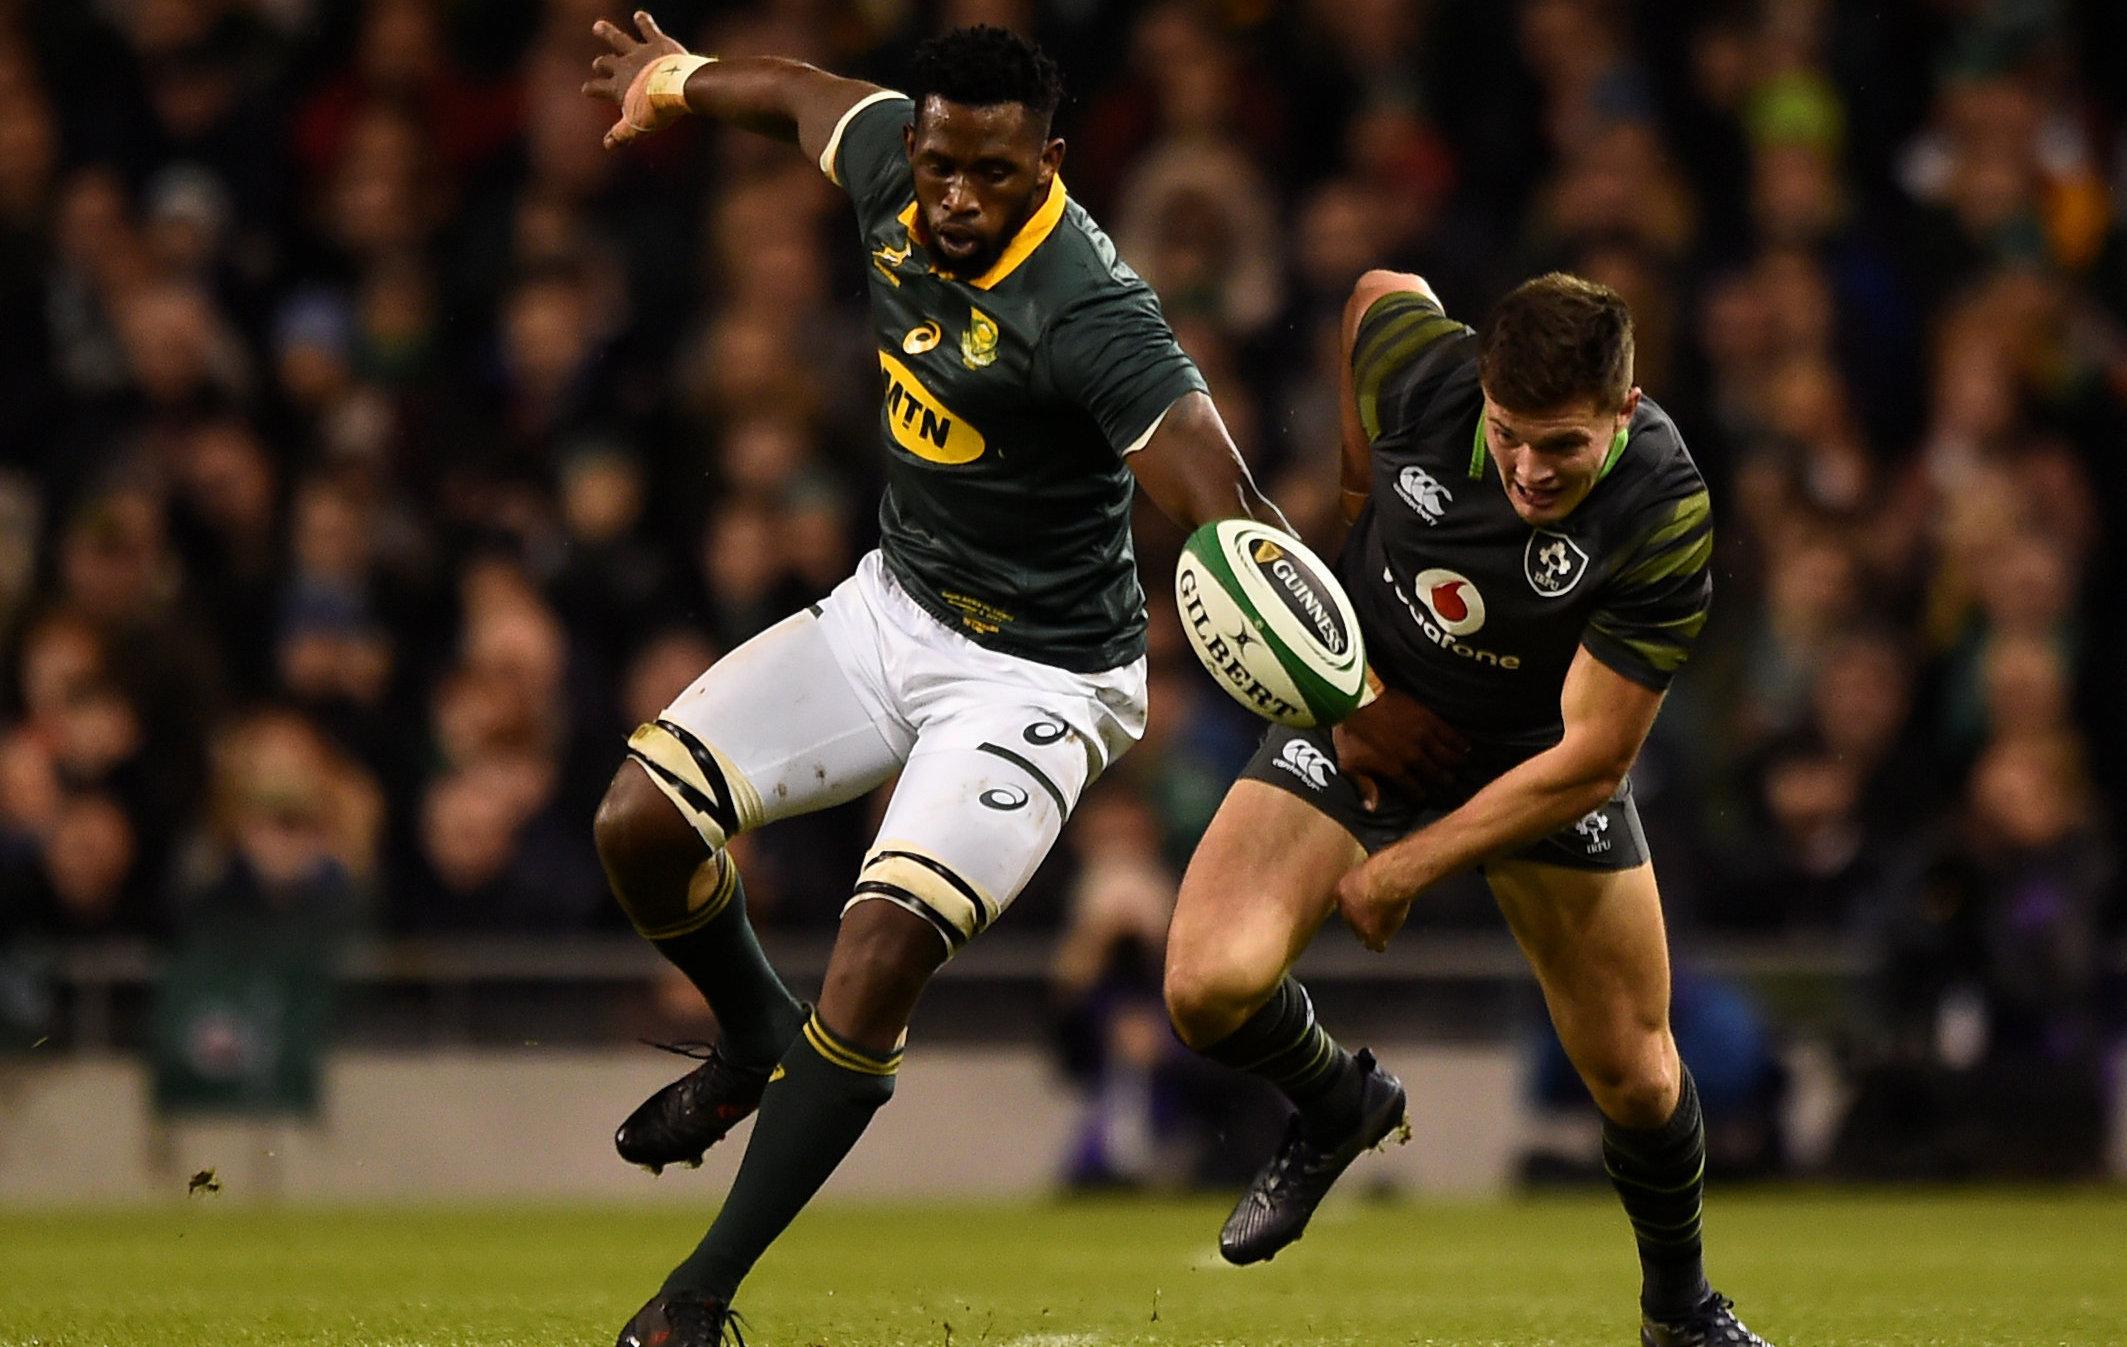 Rugby - Premier capitaine noir des Springboks, Kolisi refuse d'être un symbole